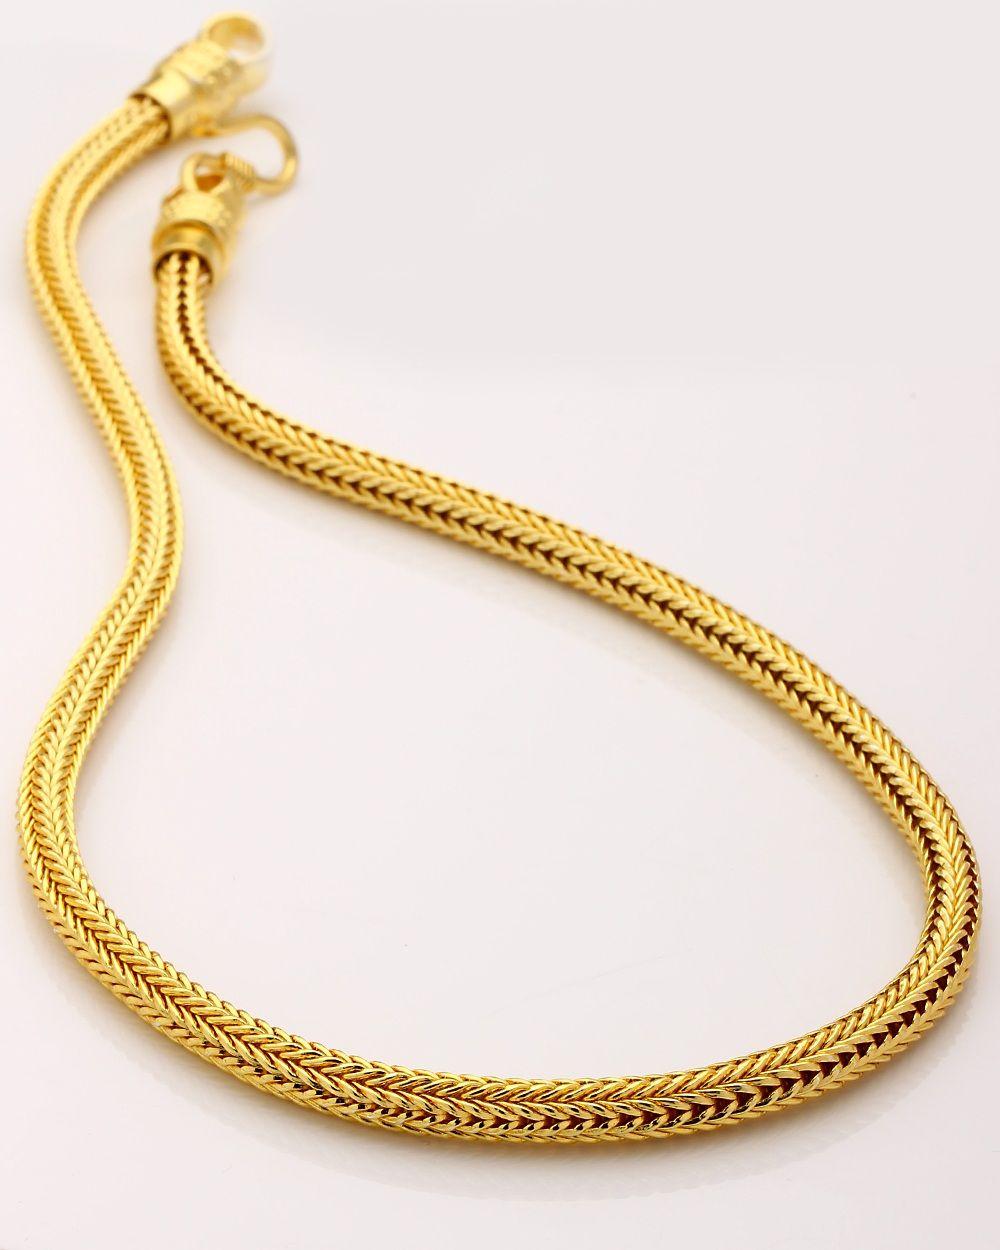 Mens gold chain designsgold chain design cataloguegold chain